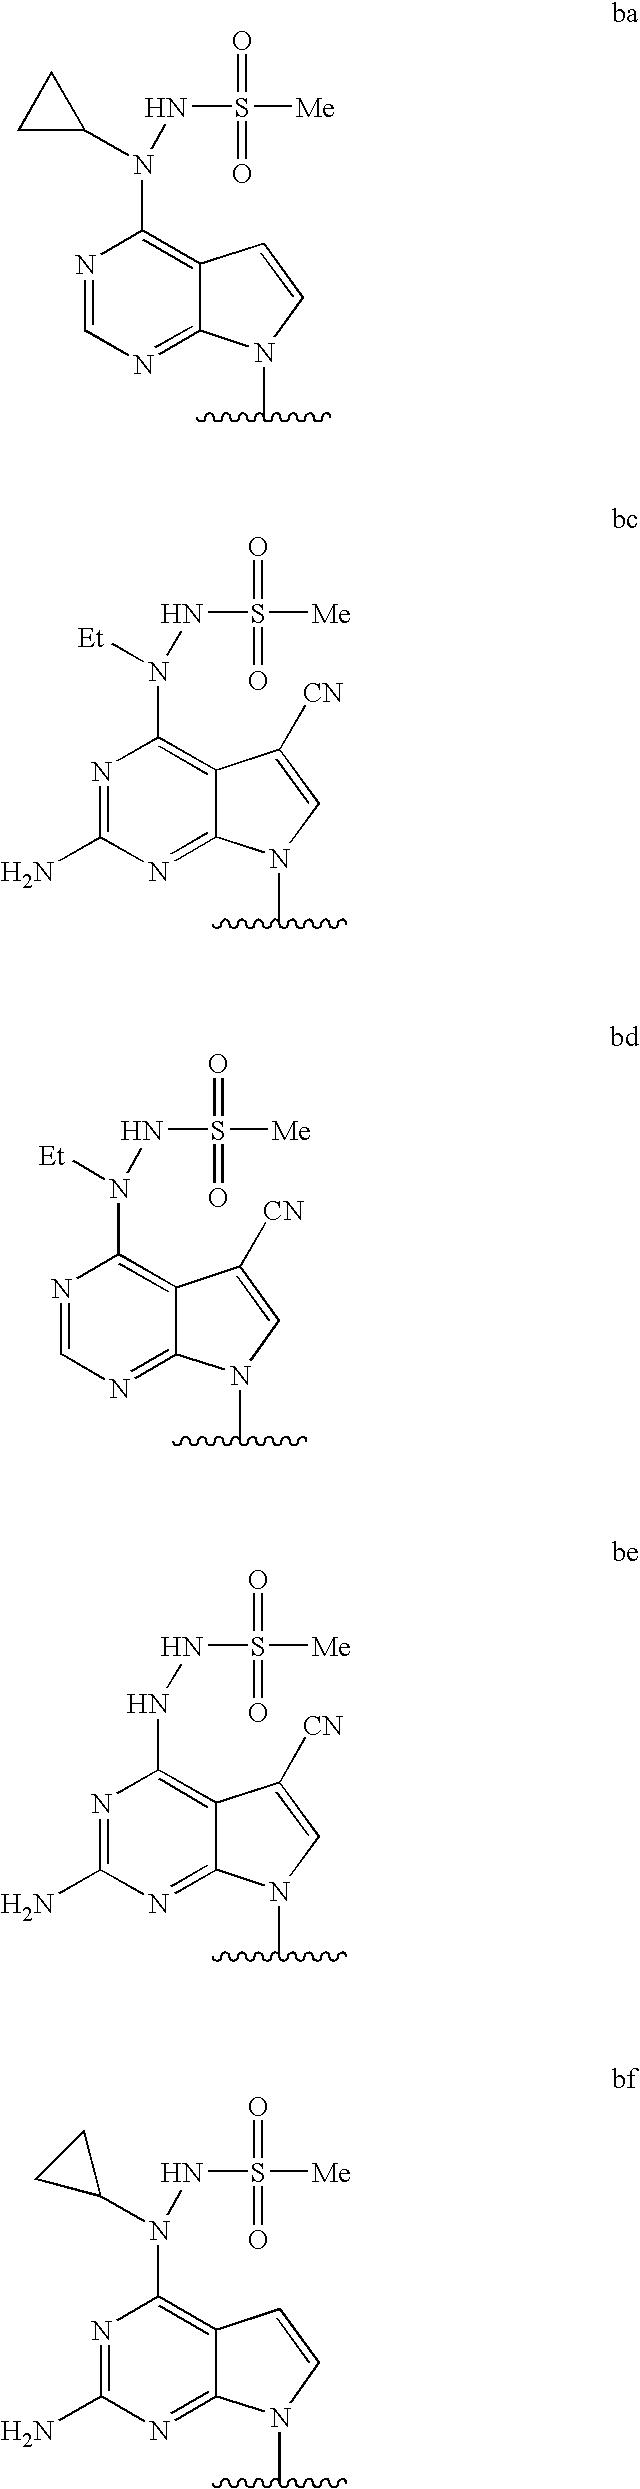 Figure US08173621-20120508-C00022